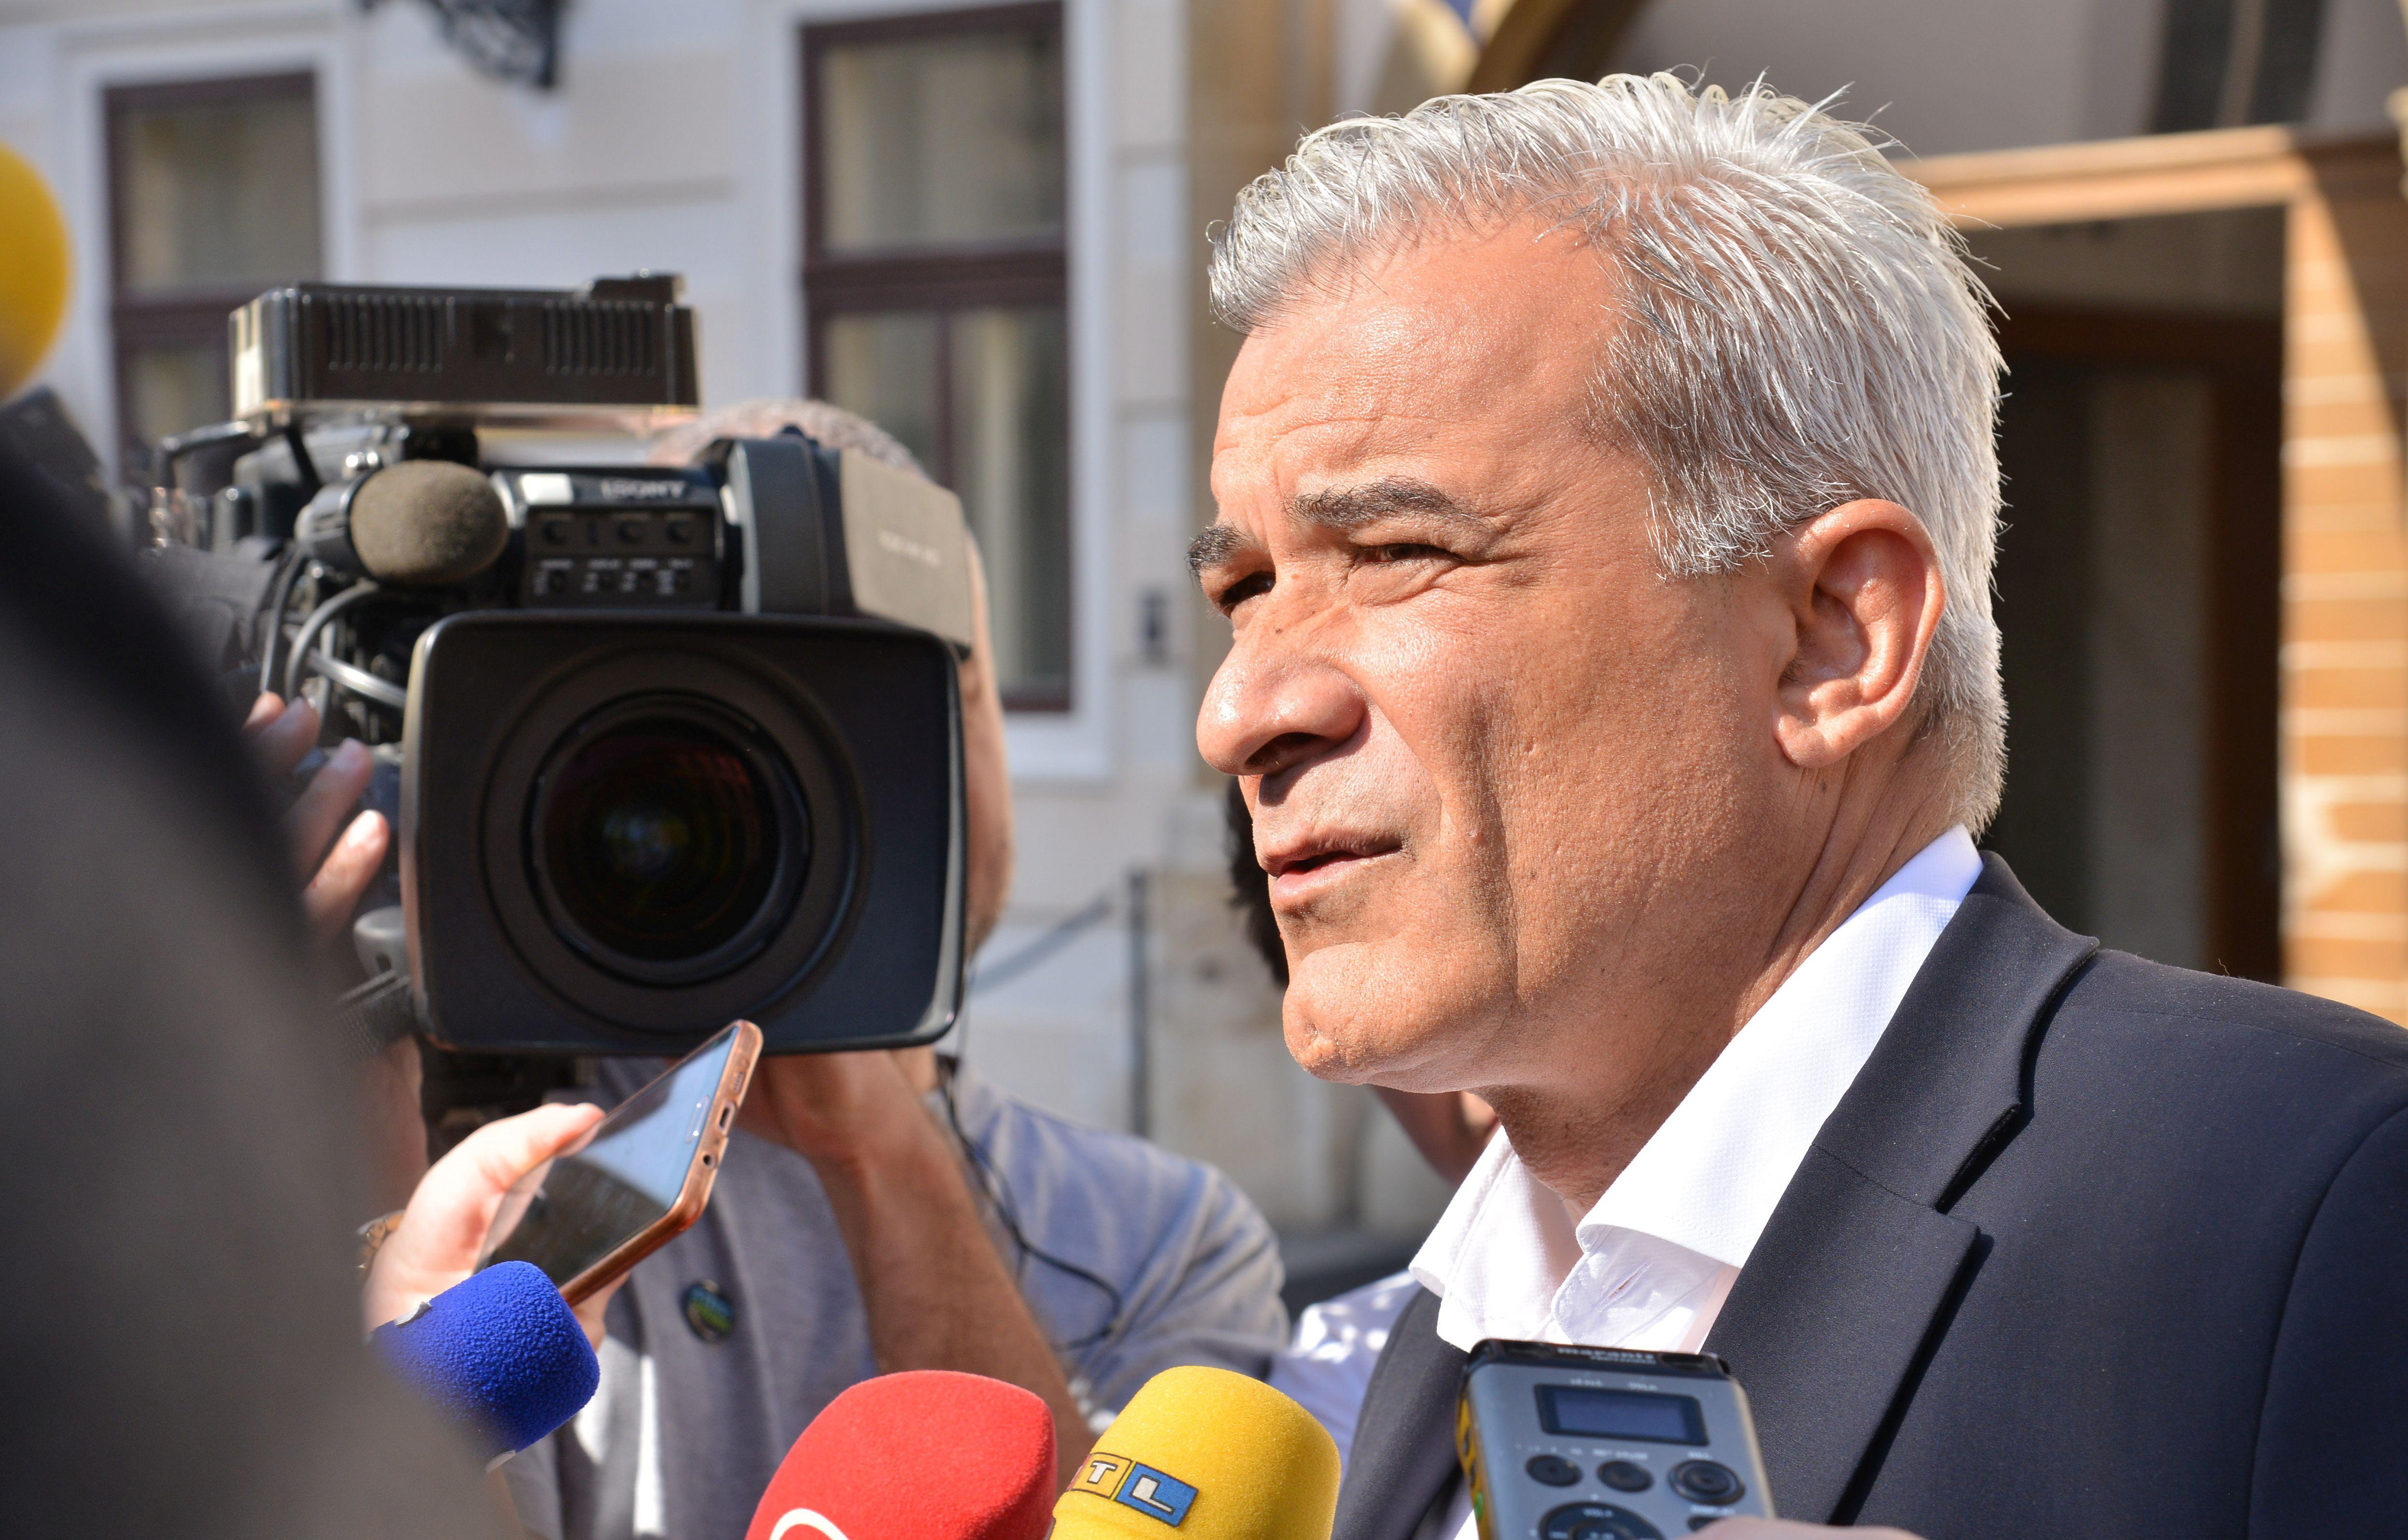 AGROKOR Isplata dugova a Ramljak nije iznenađen odlukom srpskog suda